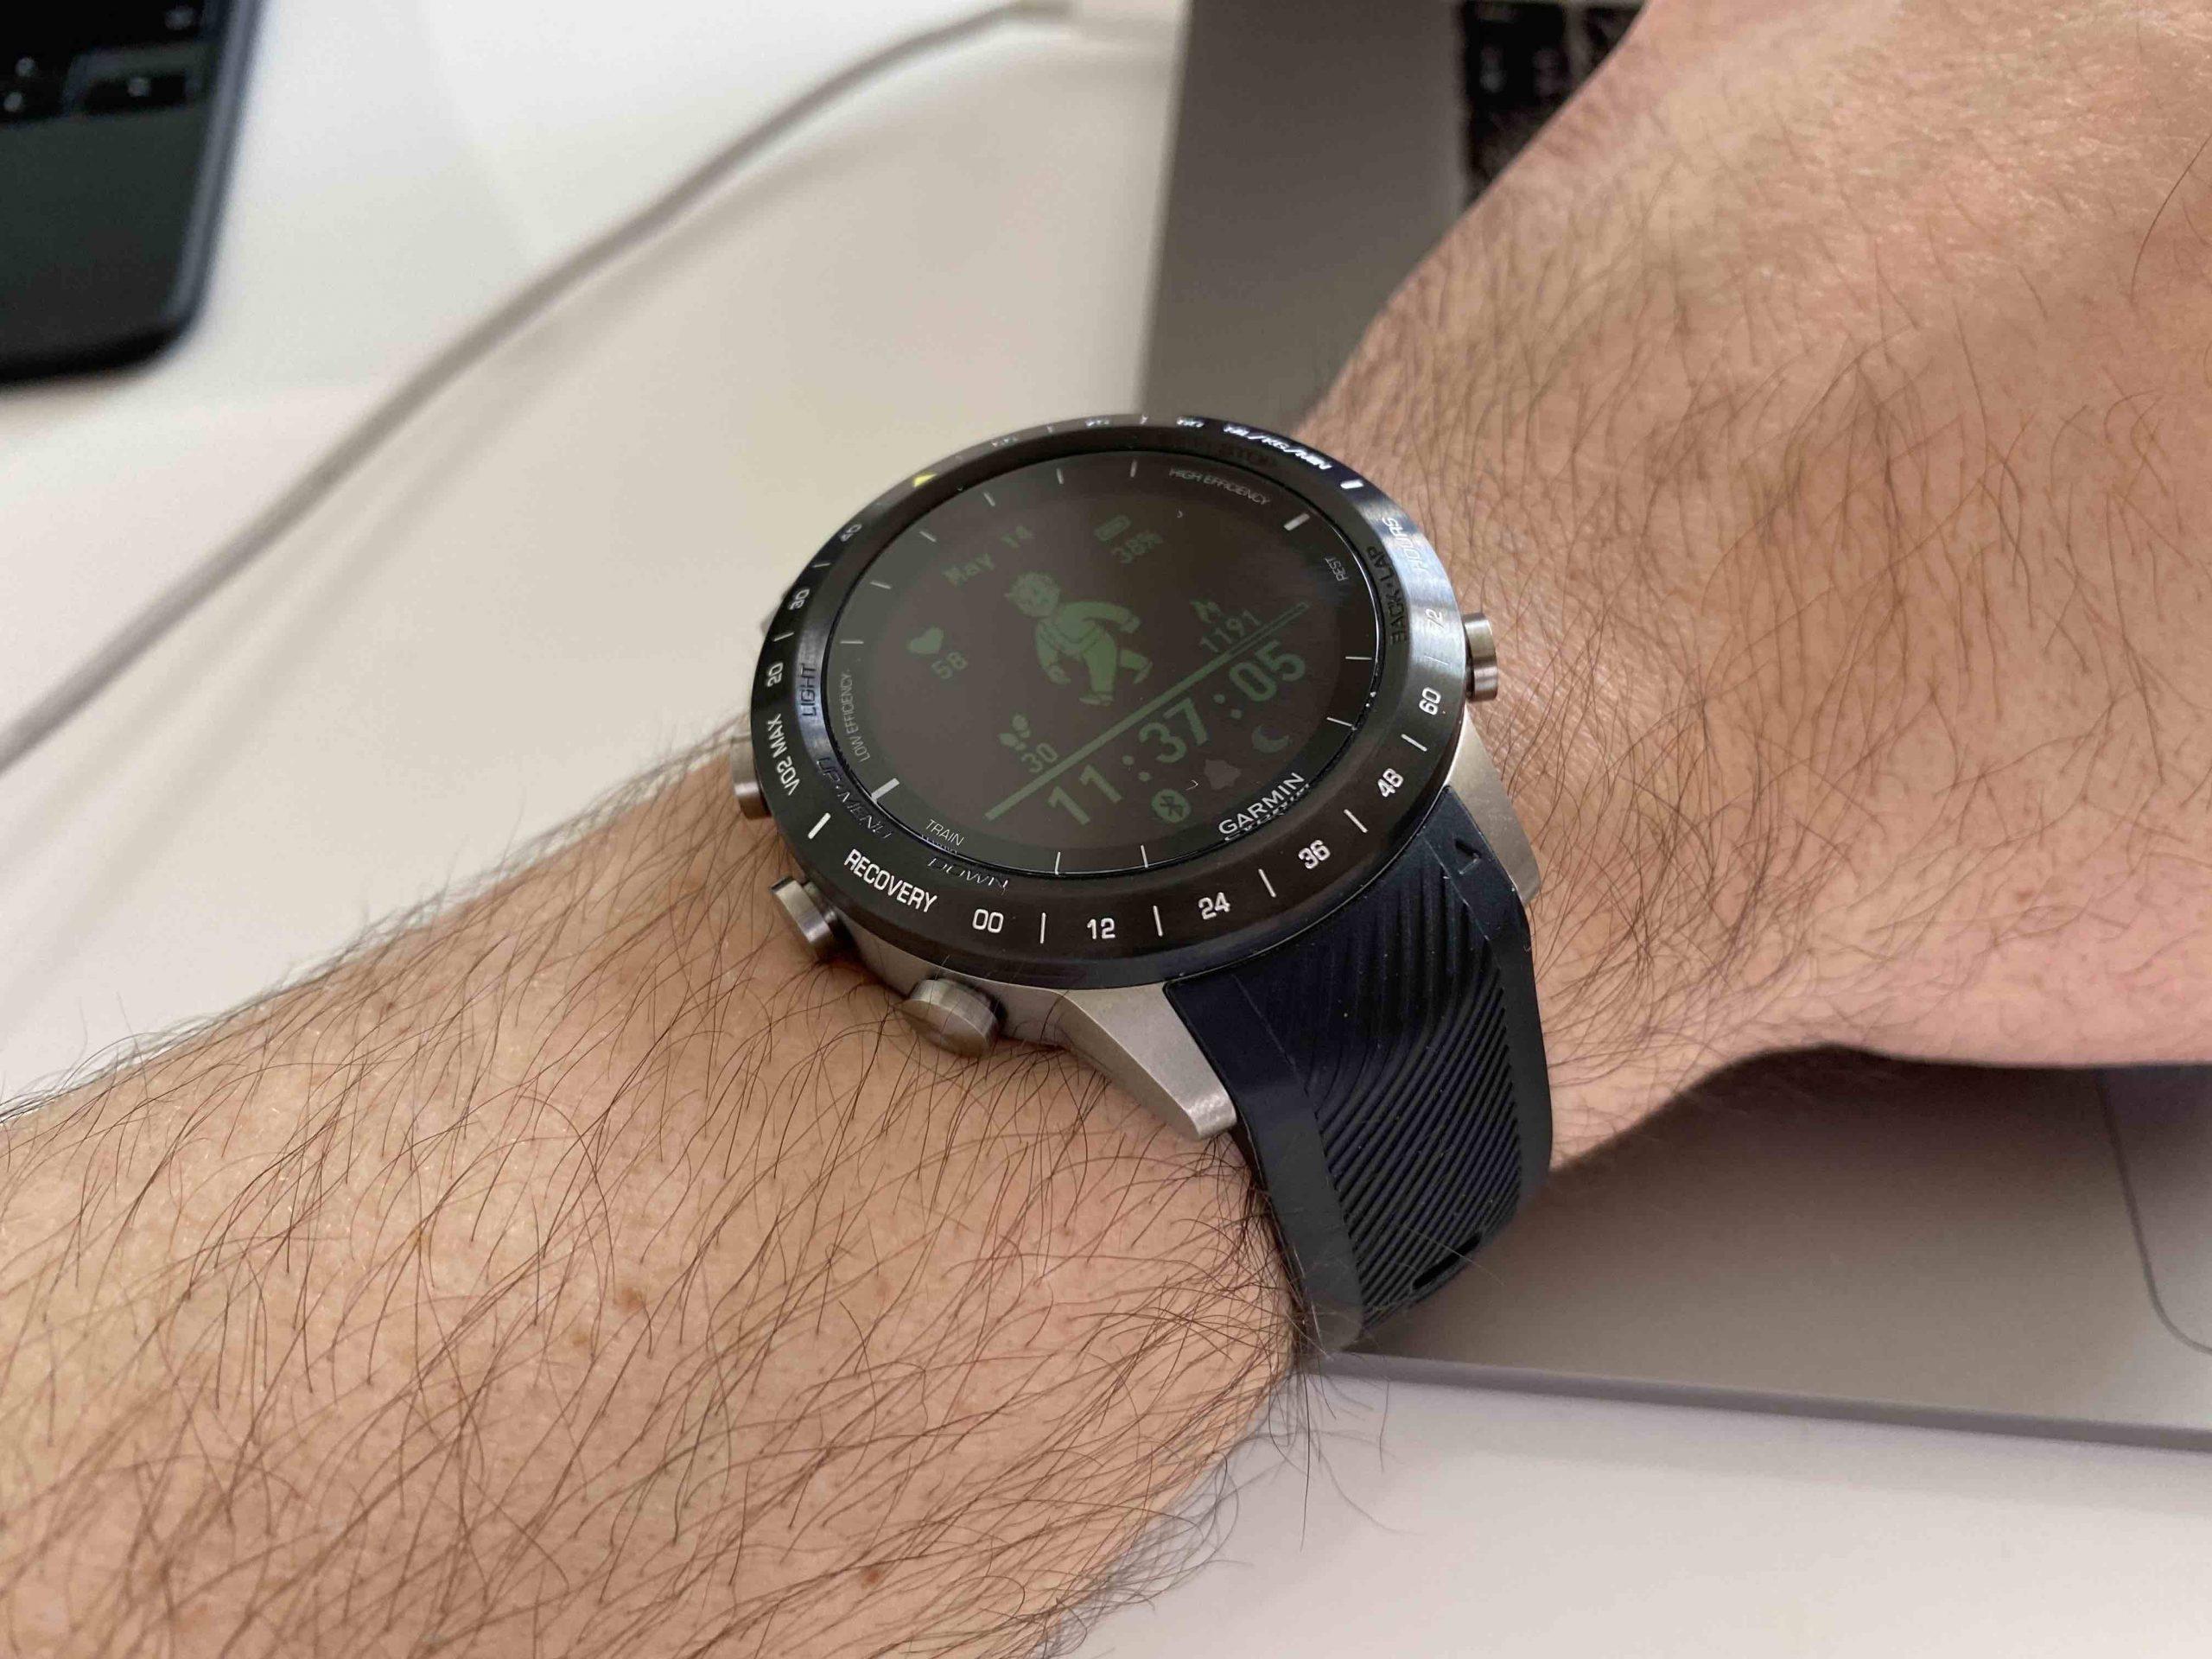 Garmin выпустила часы MARQ для путешественников, автогонщиков и авиаторов (img 7147 scaled 1)